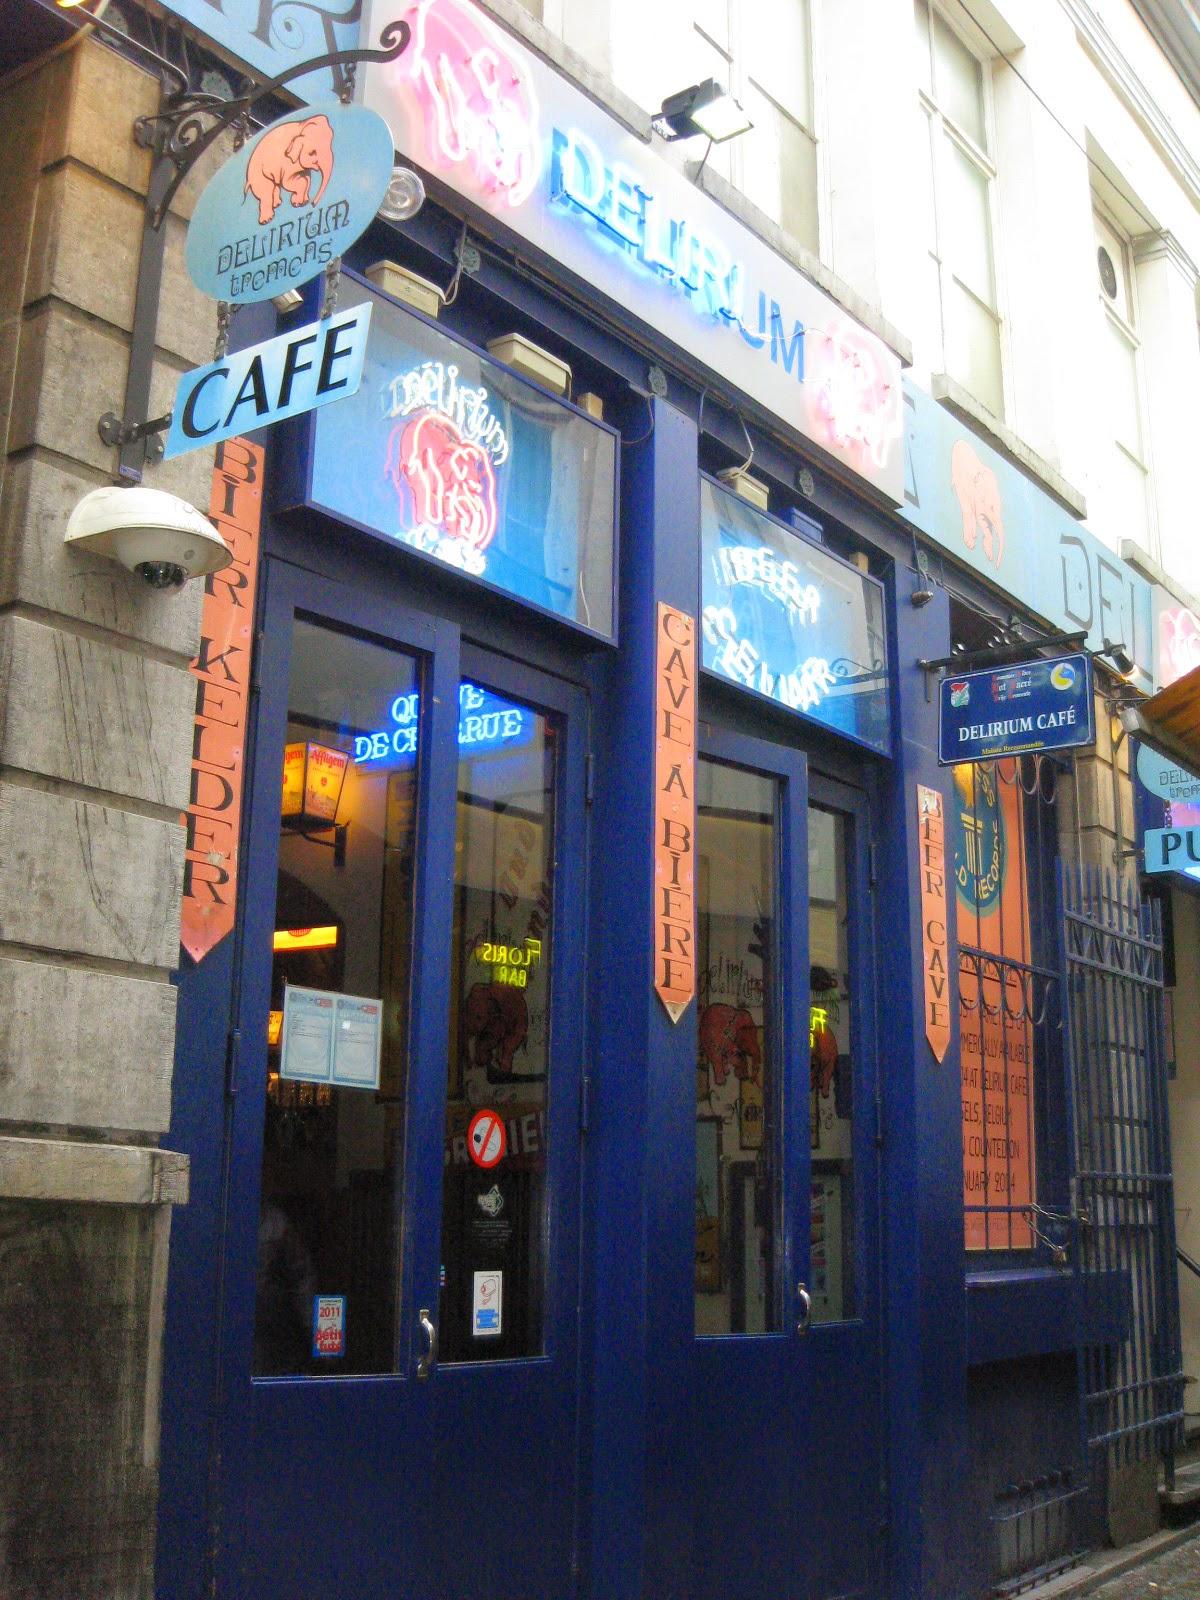 Café Delirium